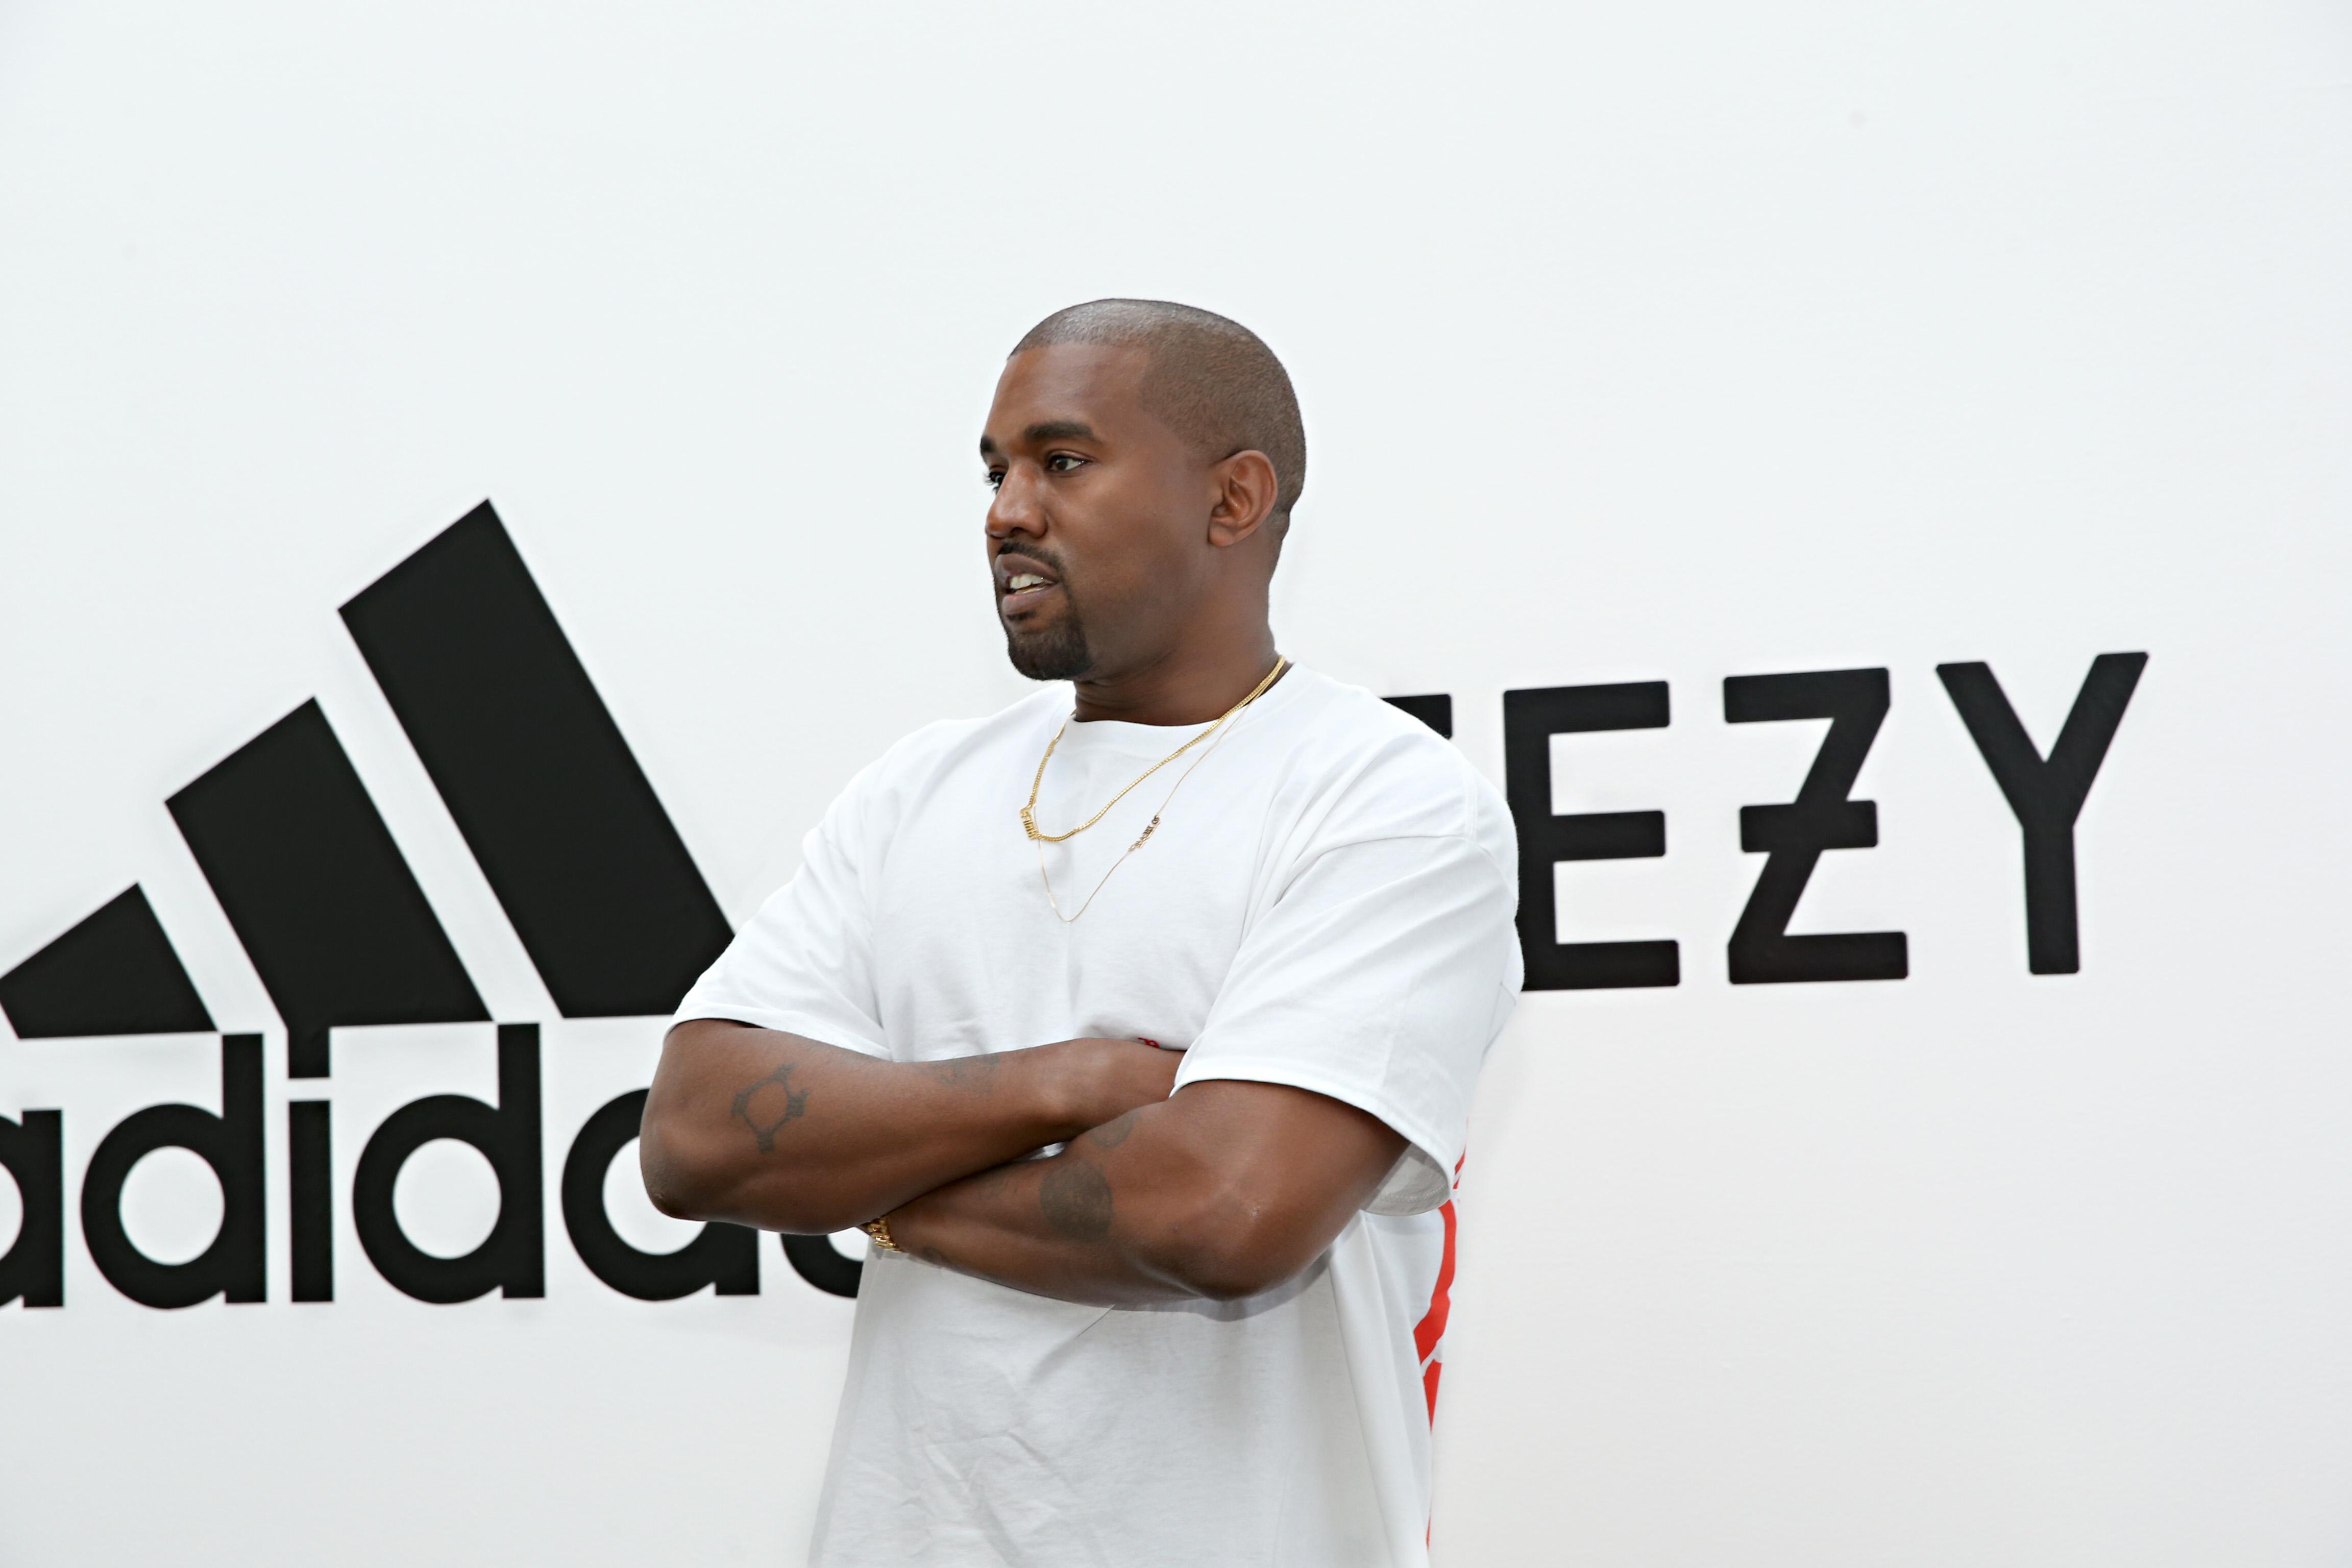 Новый контракт adidas и Канье Уэста